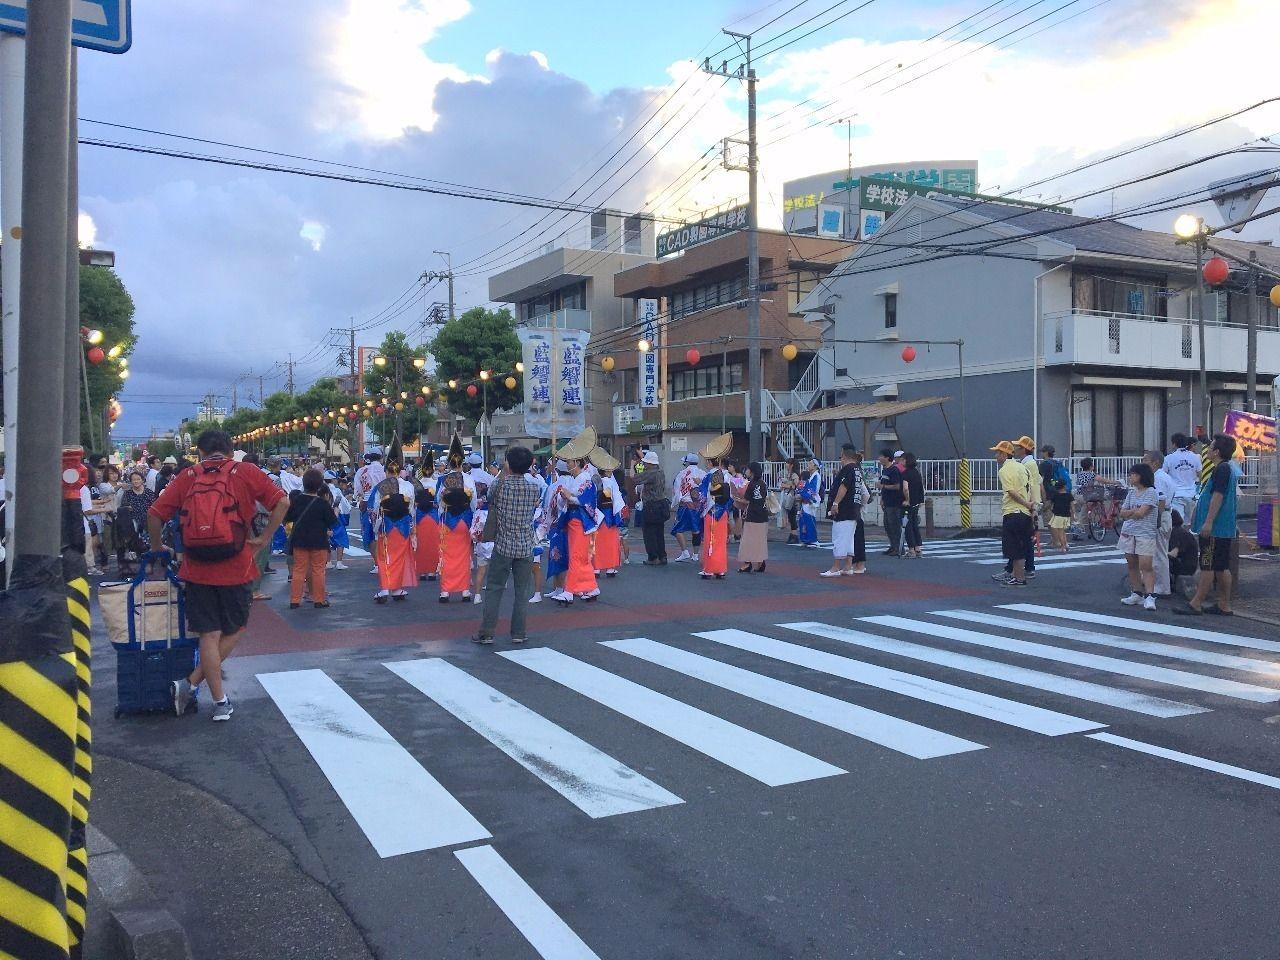 会社近くの道路でも阿波踊りです!